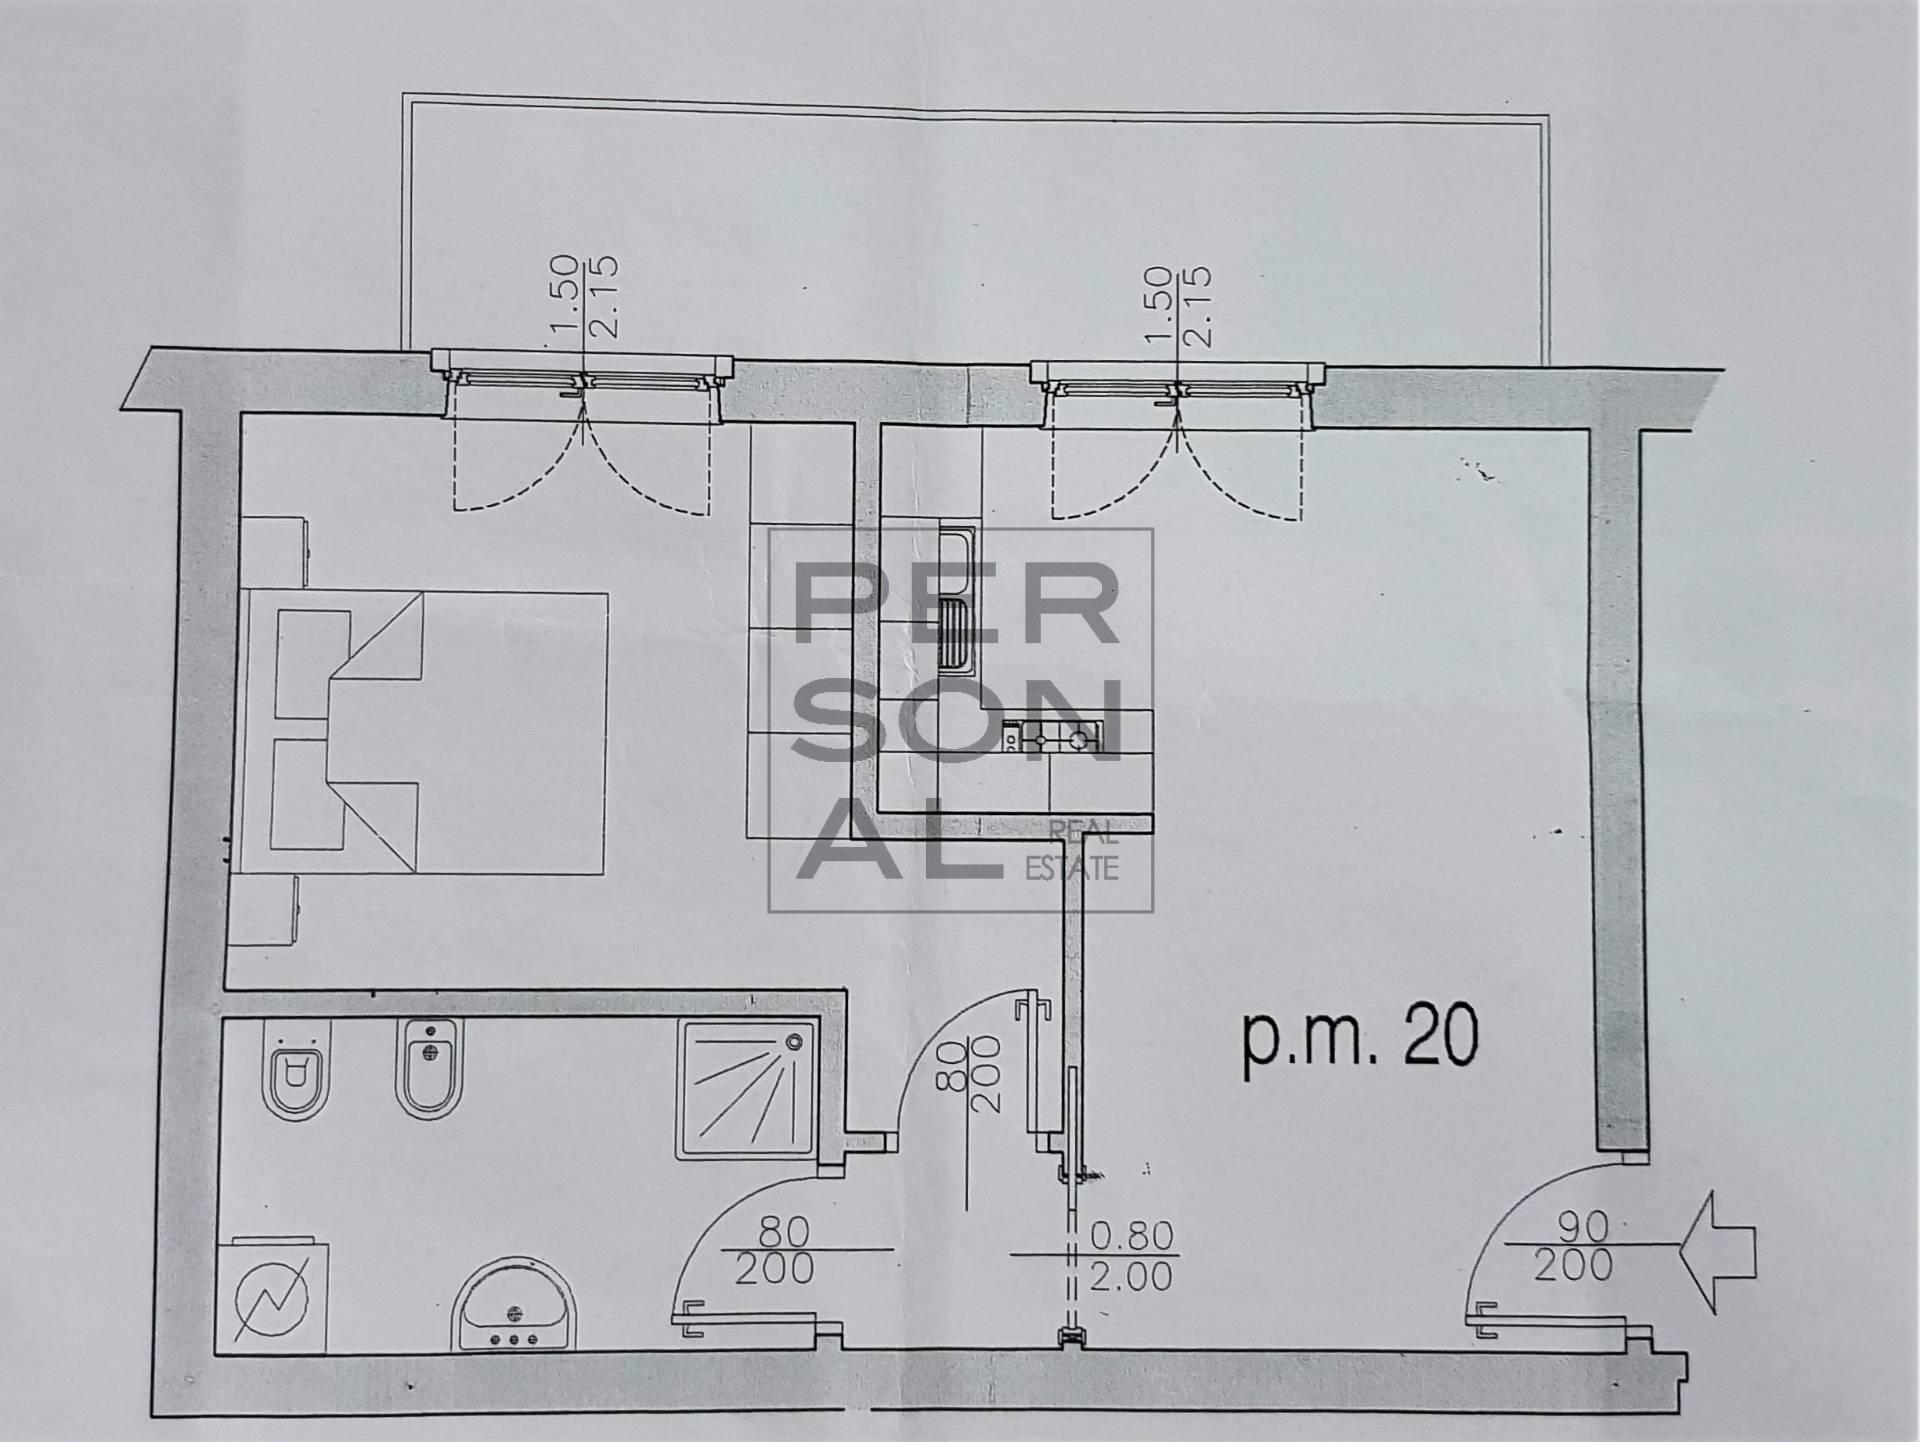 Foto appartamento in vendita a San Michele all'Adige (Trento)